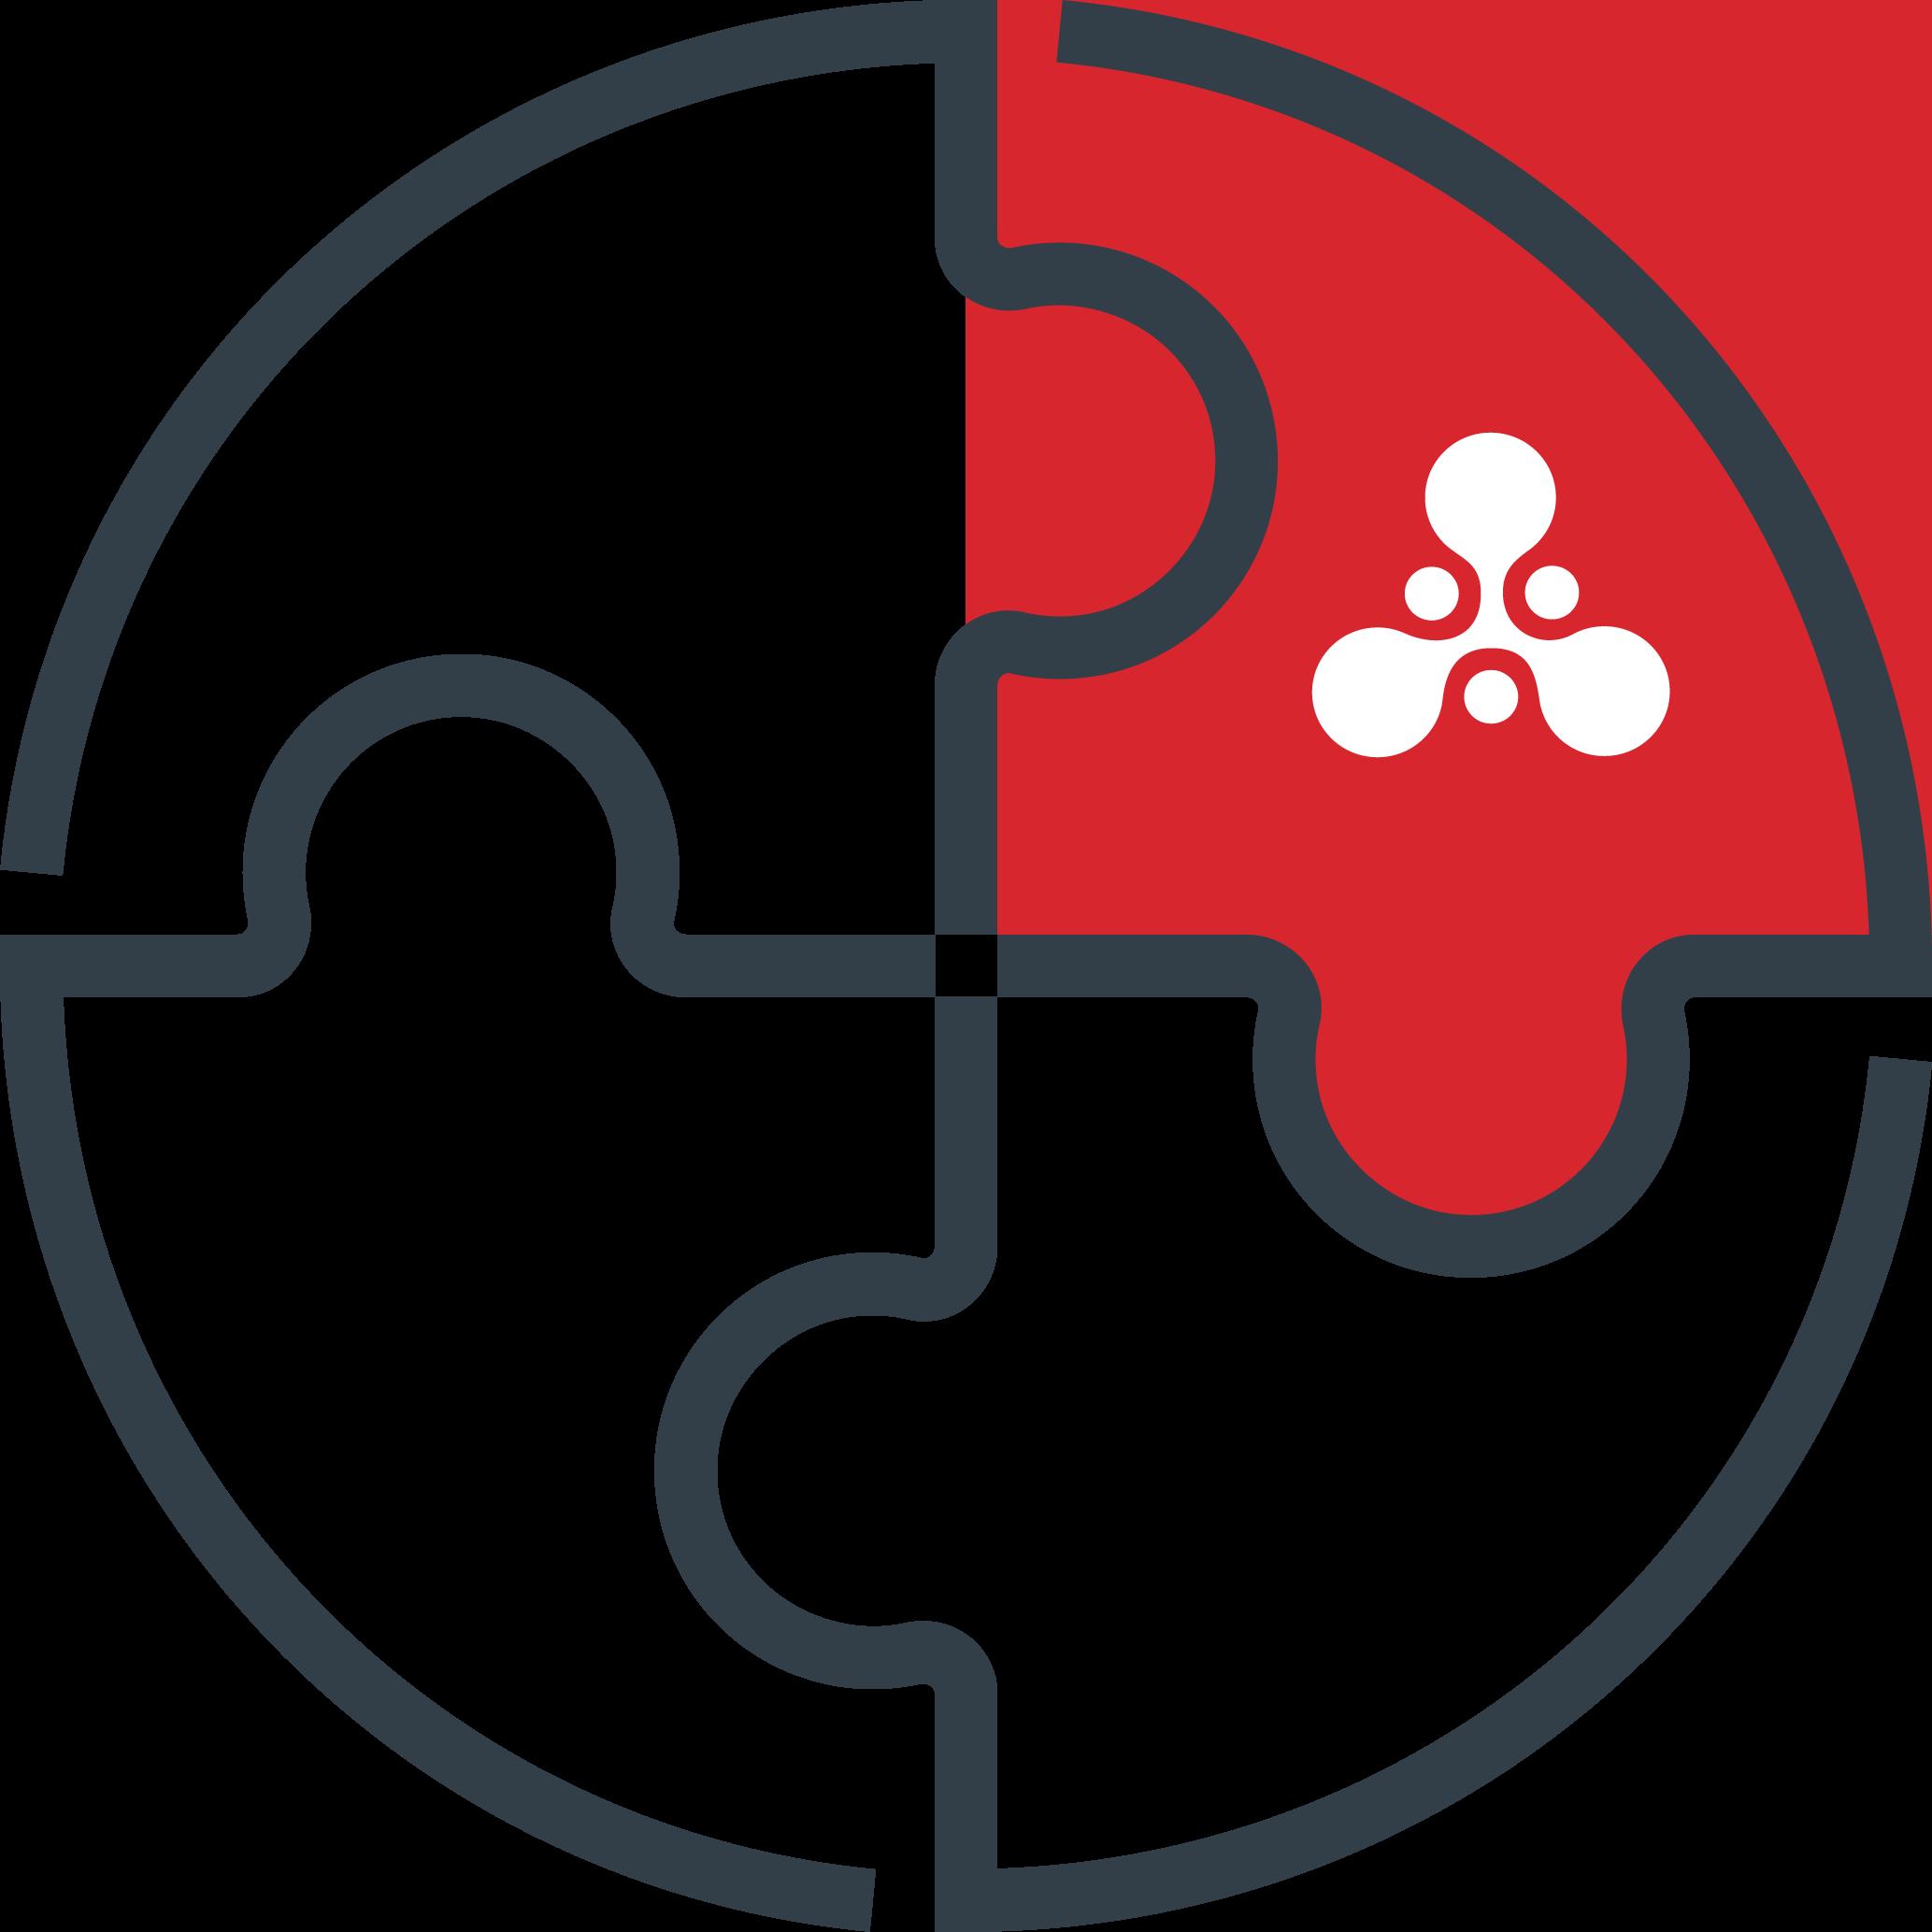 cosourcing equipo - Externalización de Servicios IT Profesionales